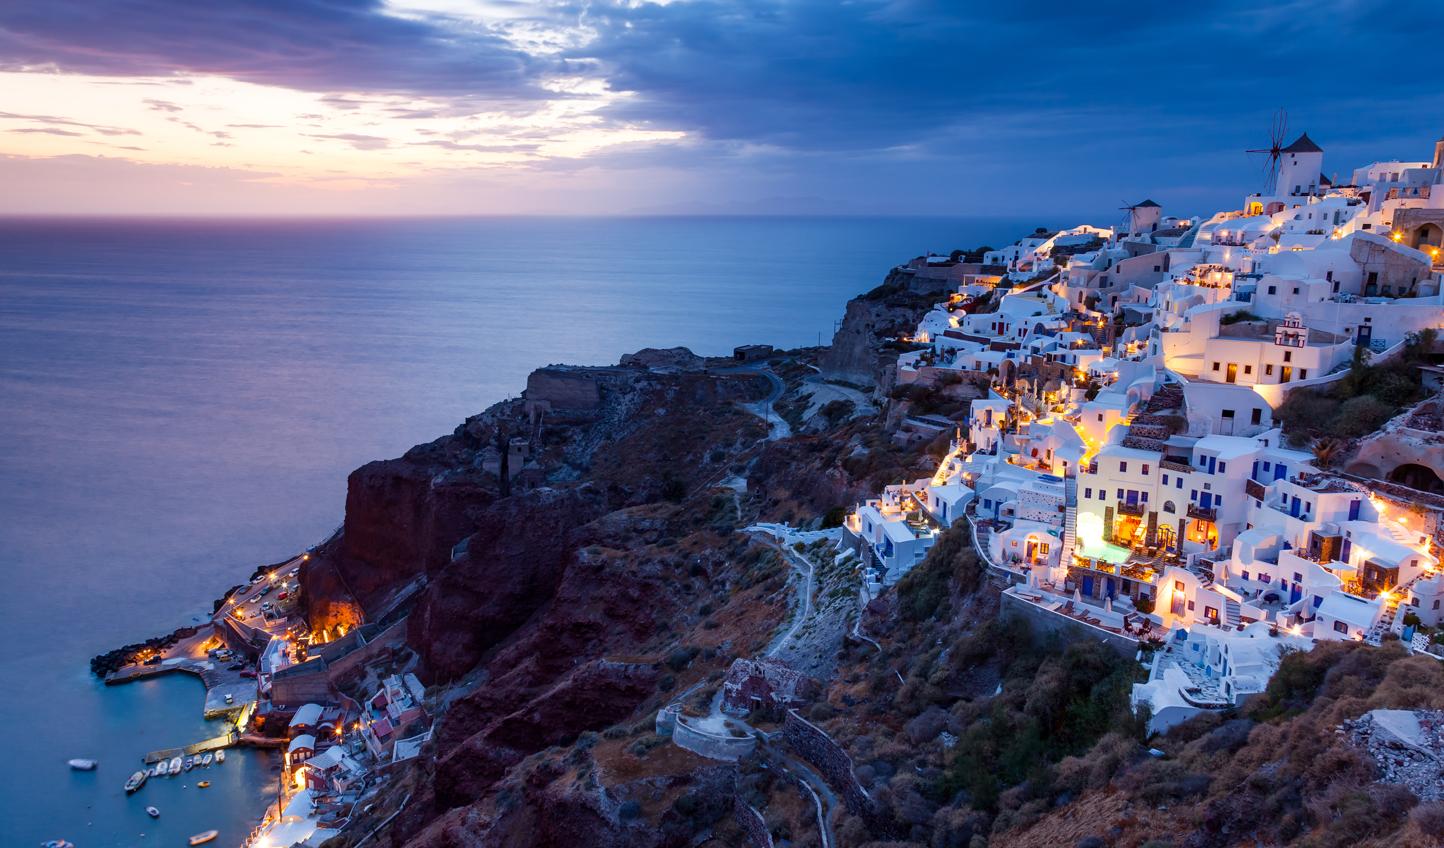 Oia,-Santorini-overlooking-